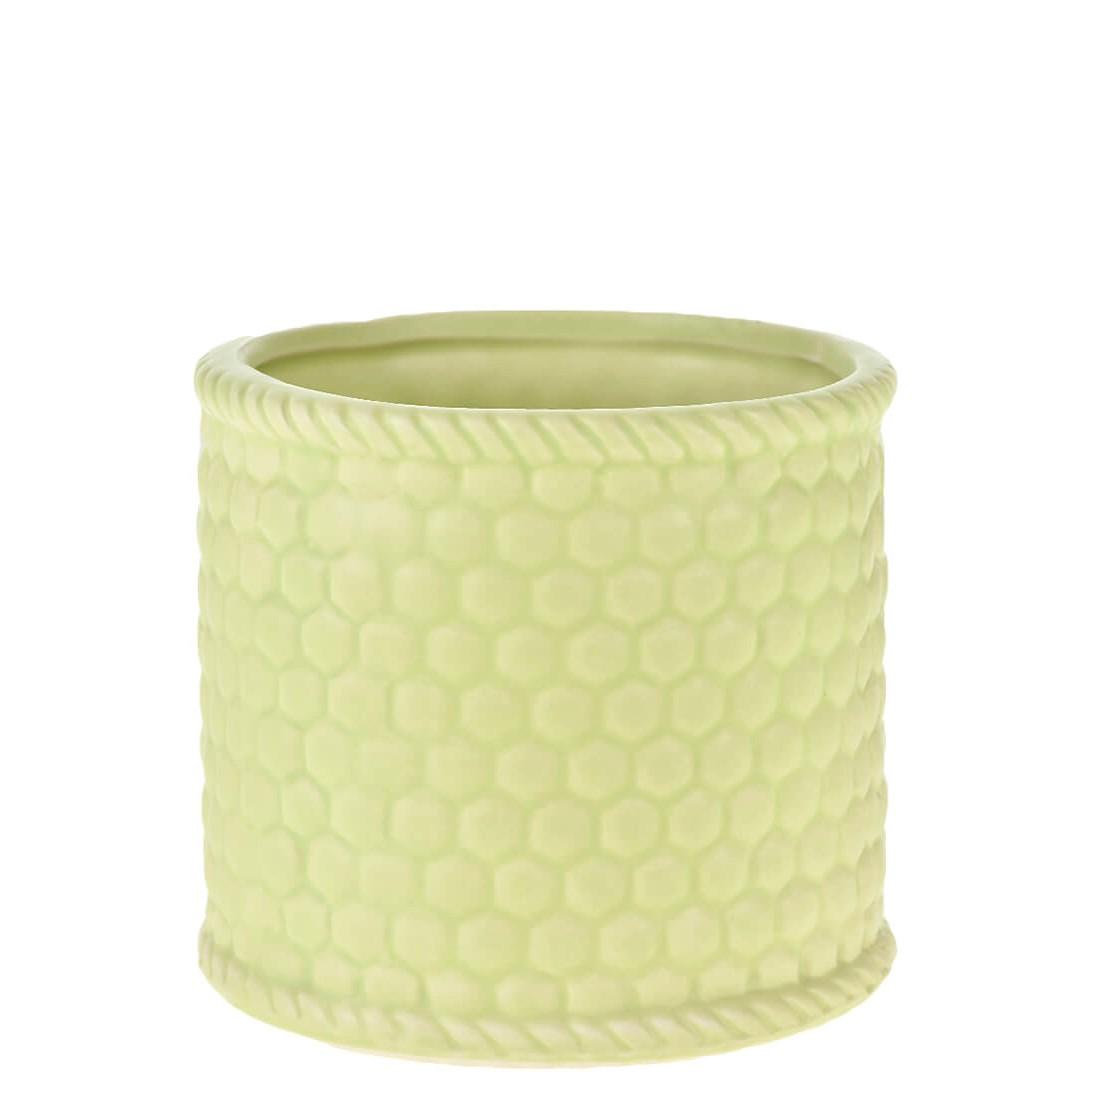 Vaso Decorativo Ceramica 9cm Redondo Verde